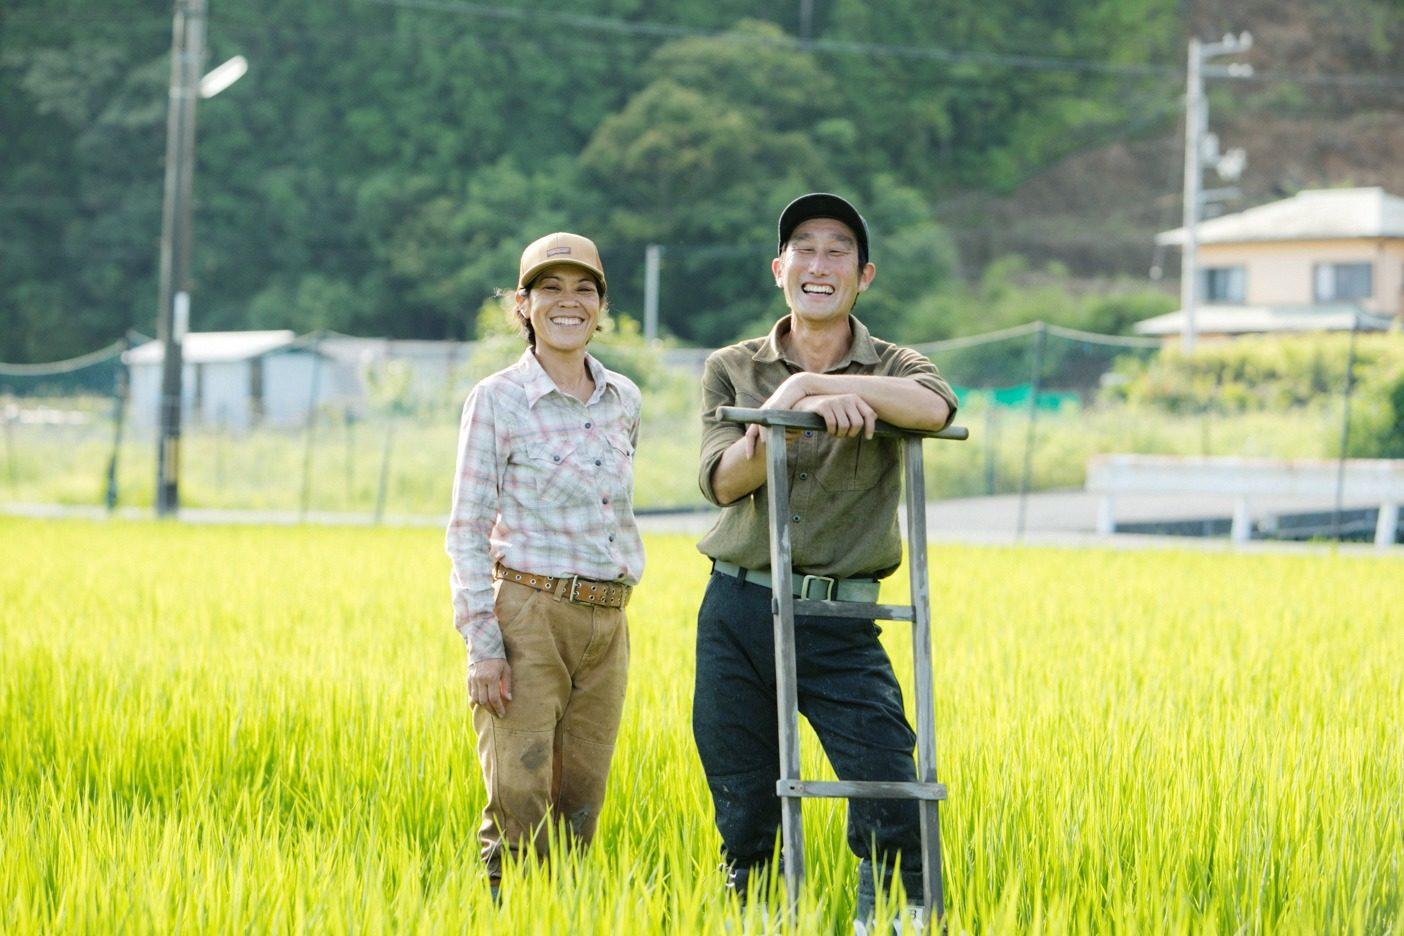 農作業に、山仕事に。八面六臂に活躍する田中夫妻愛用のワークウェア。写真:五十嵐 一晴